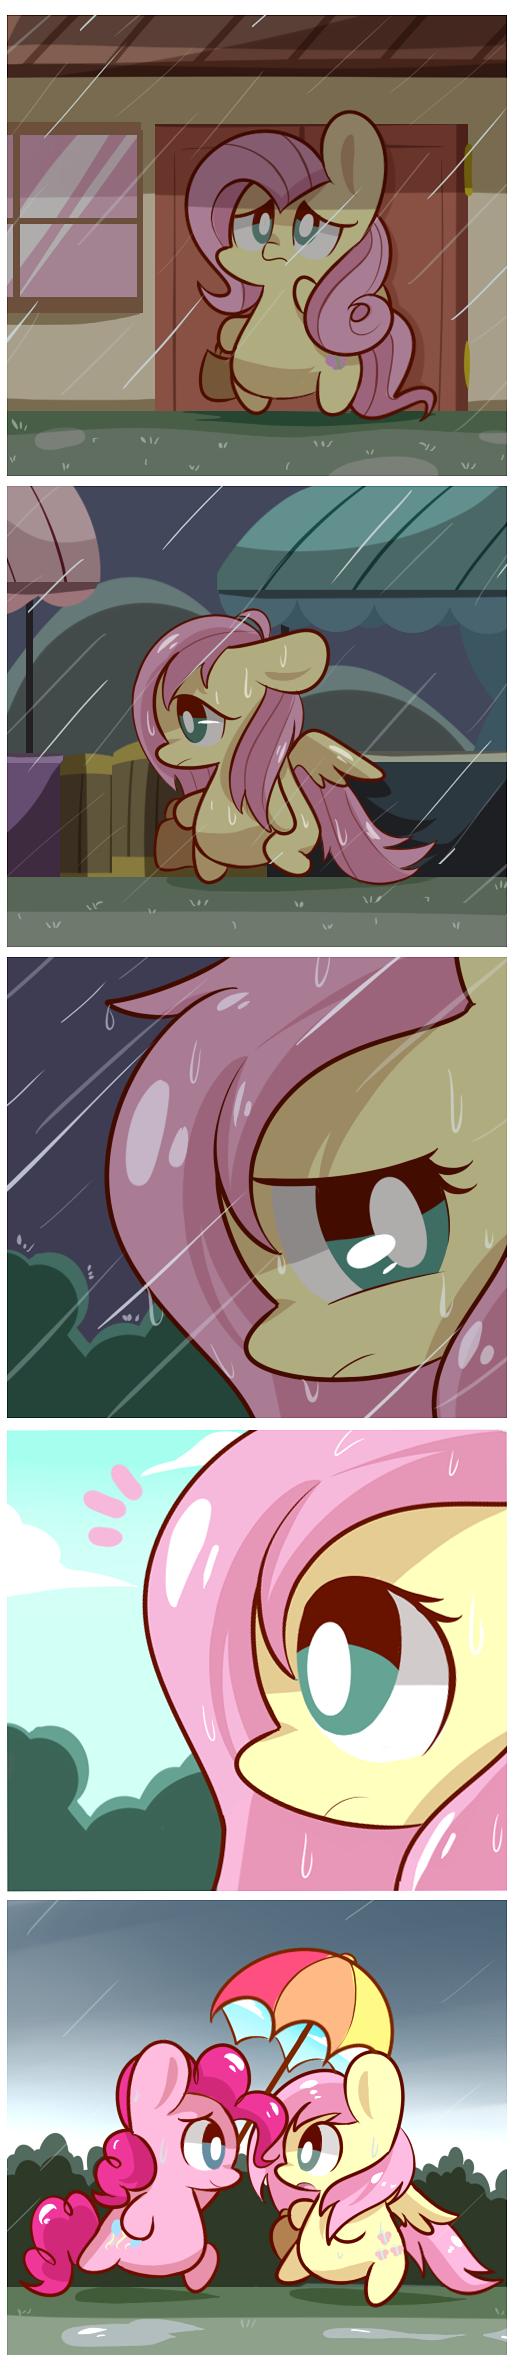 Rainy Day. http://lloserlife.deviantarm/art/Rainy-Day-399562409.. Cuteness overload! Rainy Day http://lloserlife deviantarm/art/Rainy-Day-399562409 Cuteness overload!